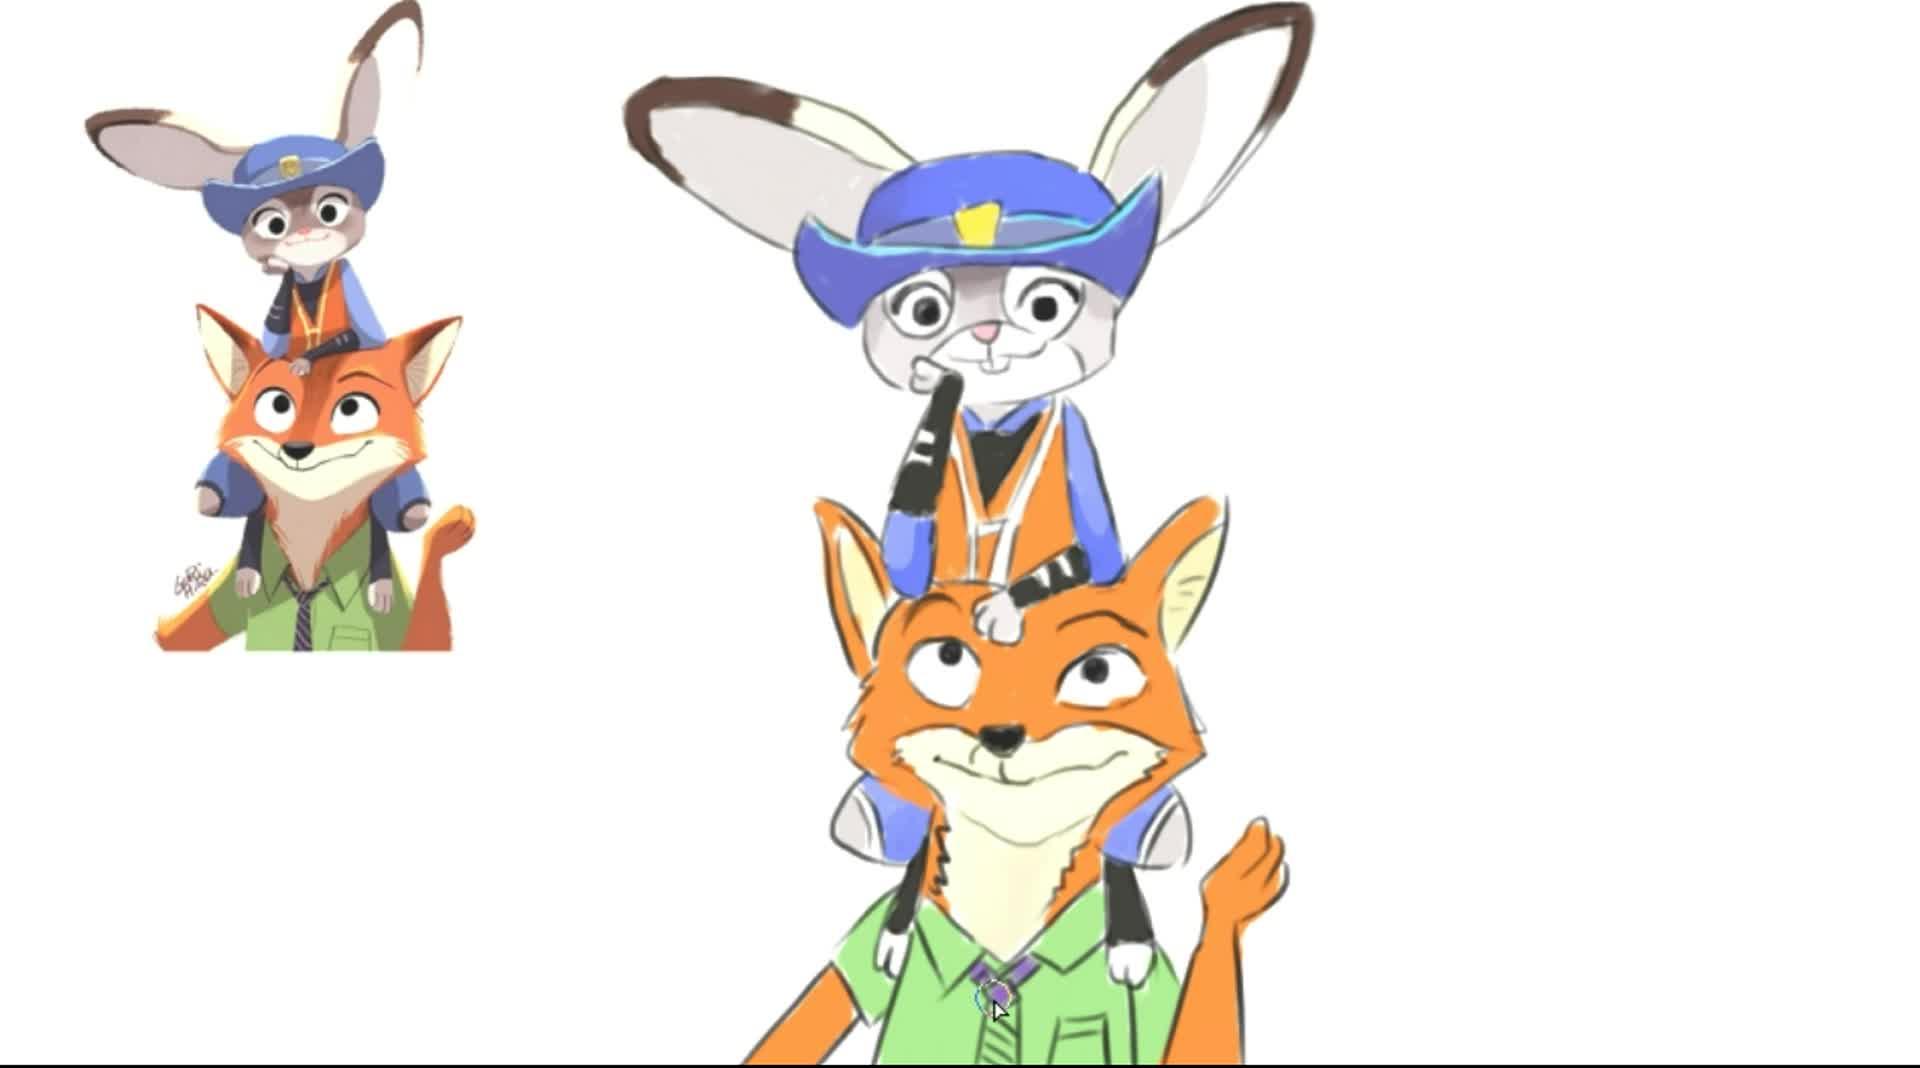 儿童绘画电影动画片疯狂动物城中的兔子和狐狸朱迪和尼克卡通形象